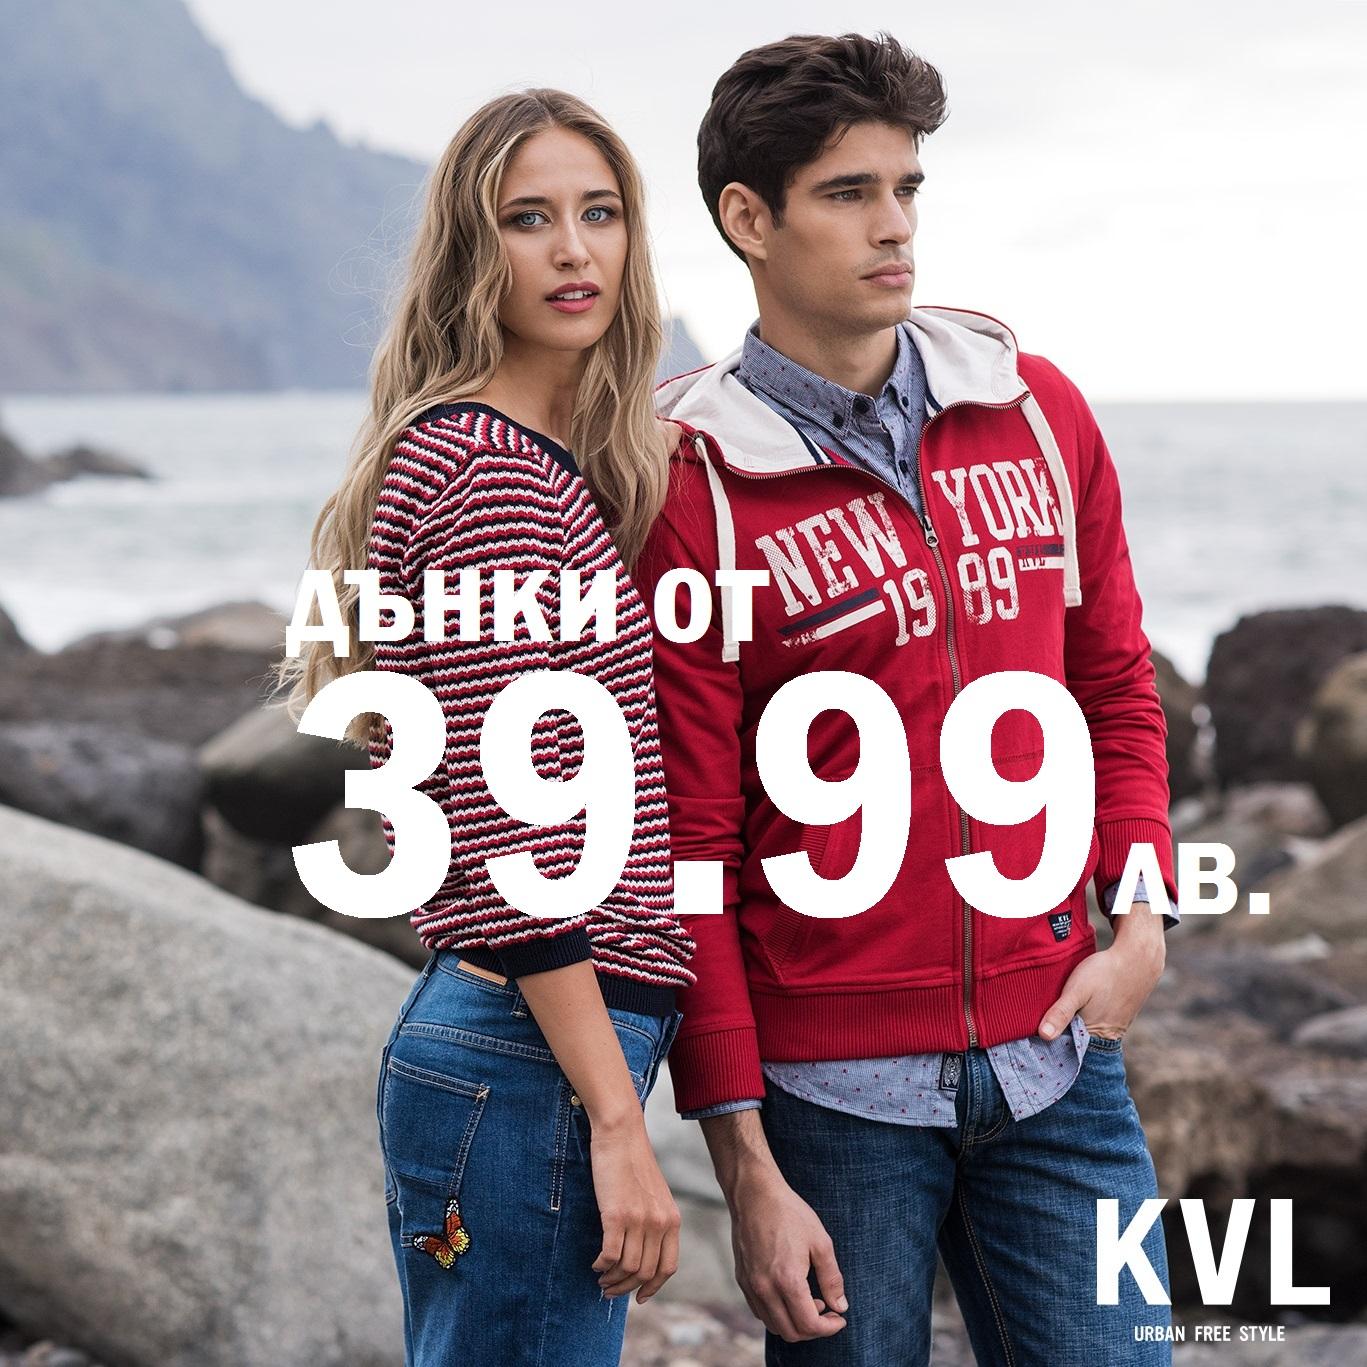 6f76af9614a Най-добра цена на дънки само в магазини Кенвело